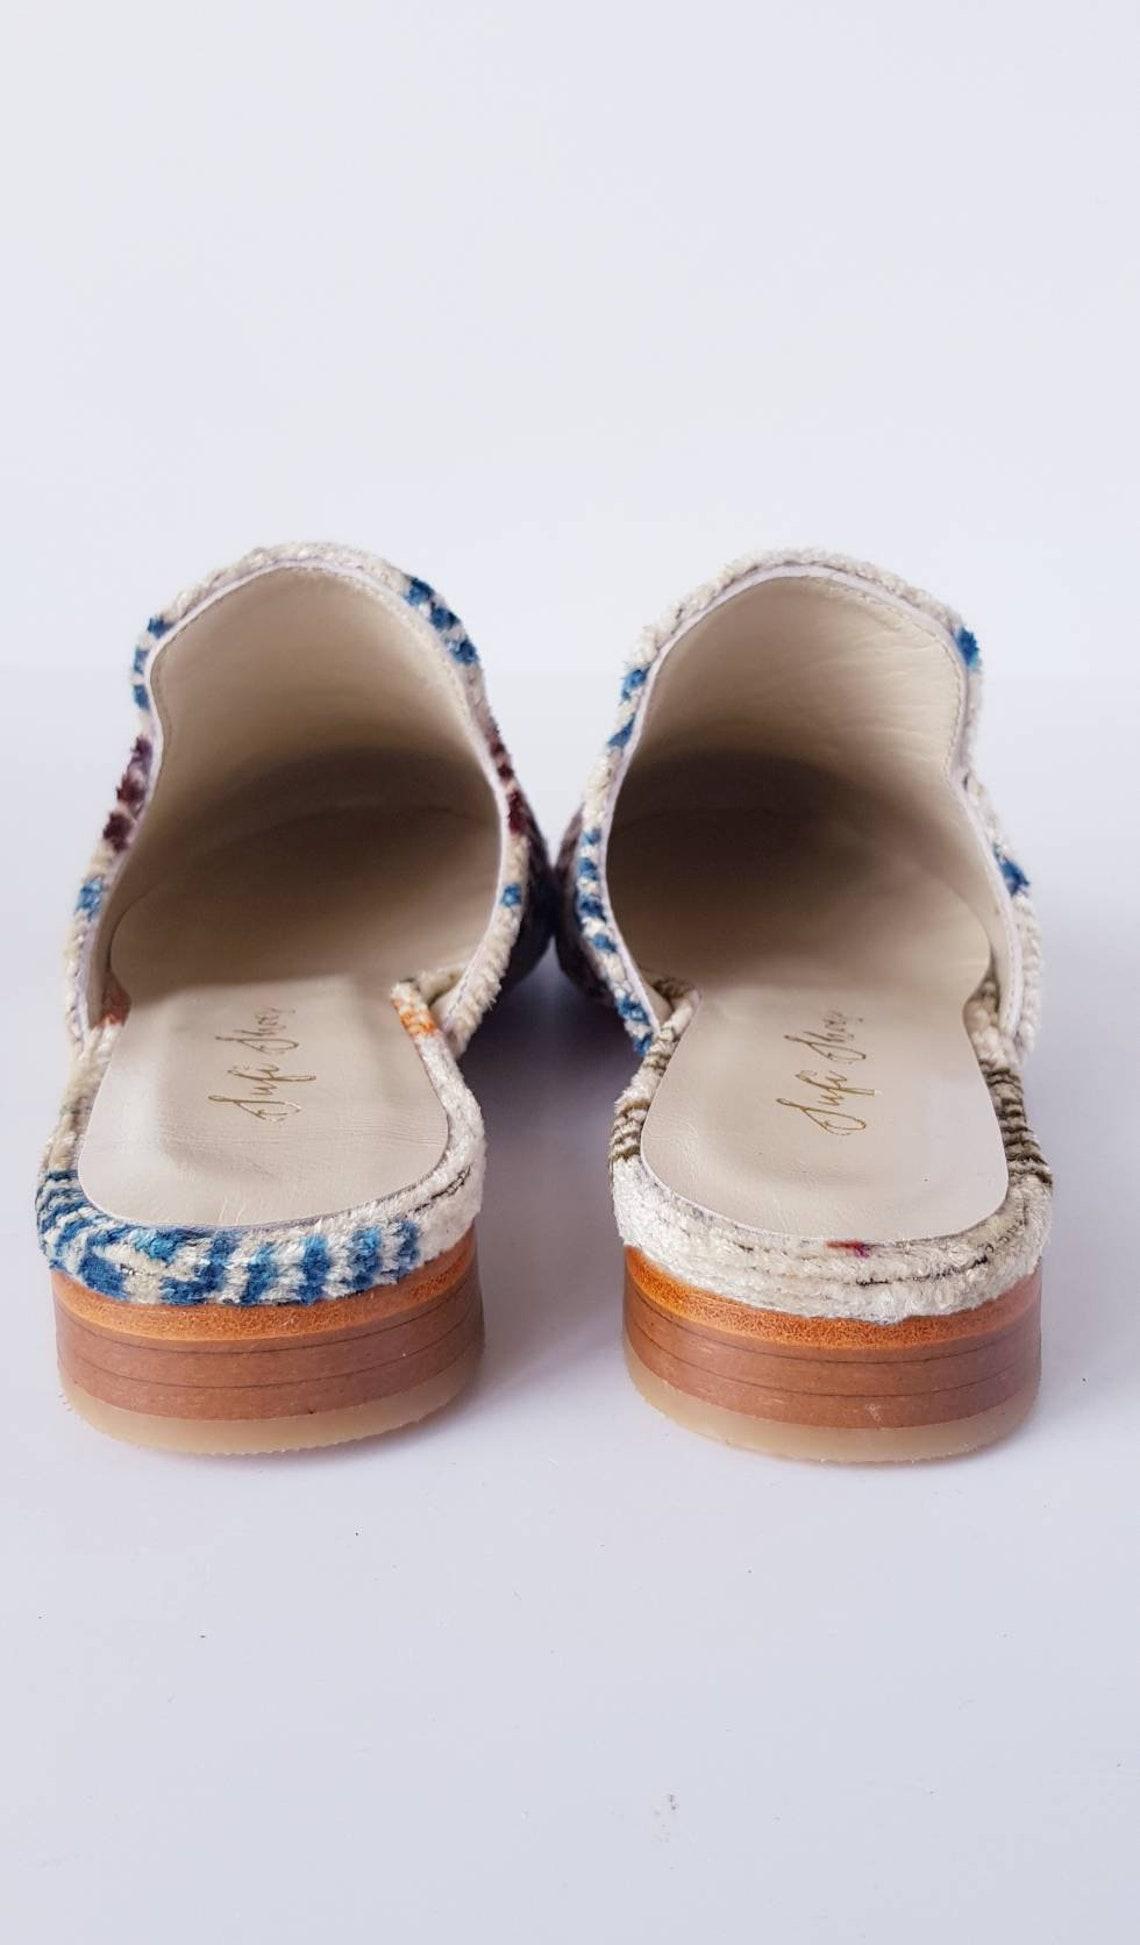 Ikat velvet Sandal Slipper shoes for Women made by loom made velvet ikat Euro size 39 and shipping by Dhl